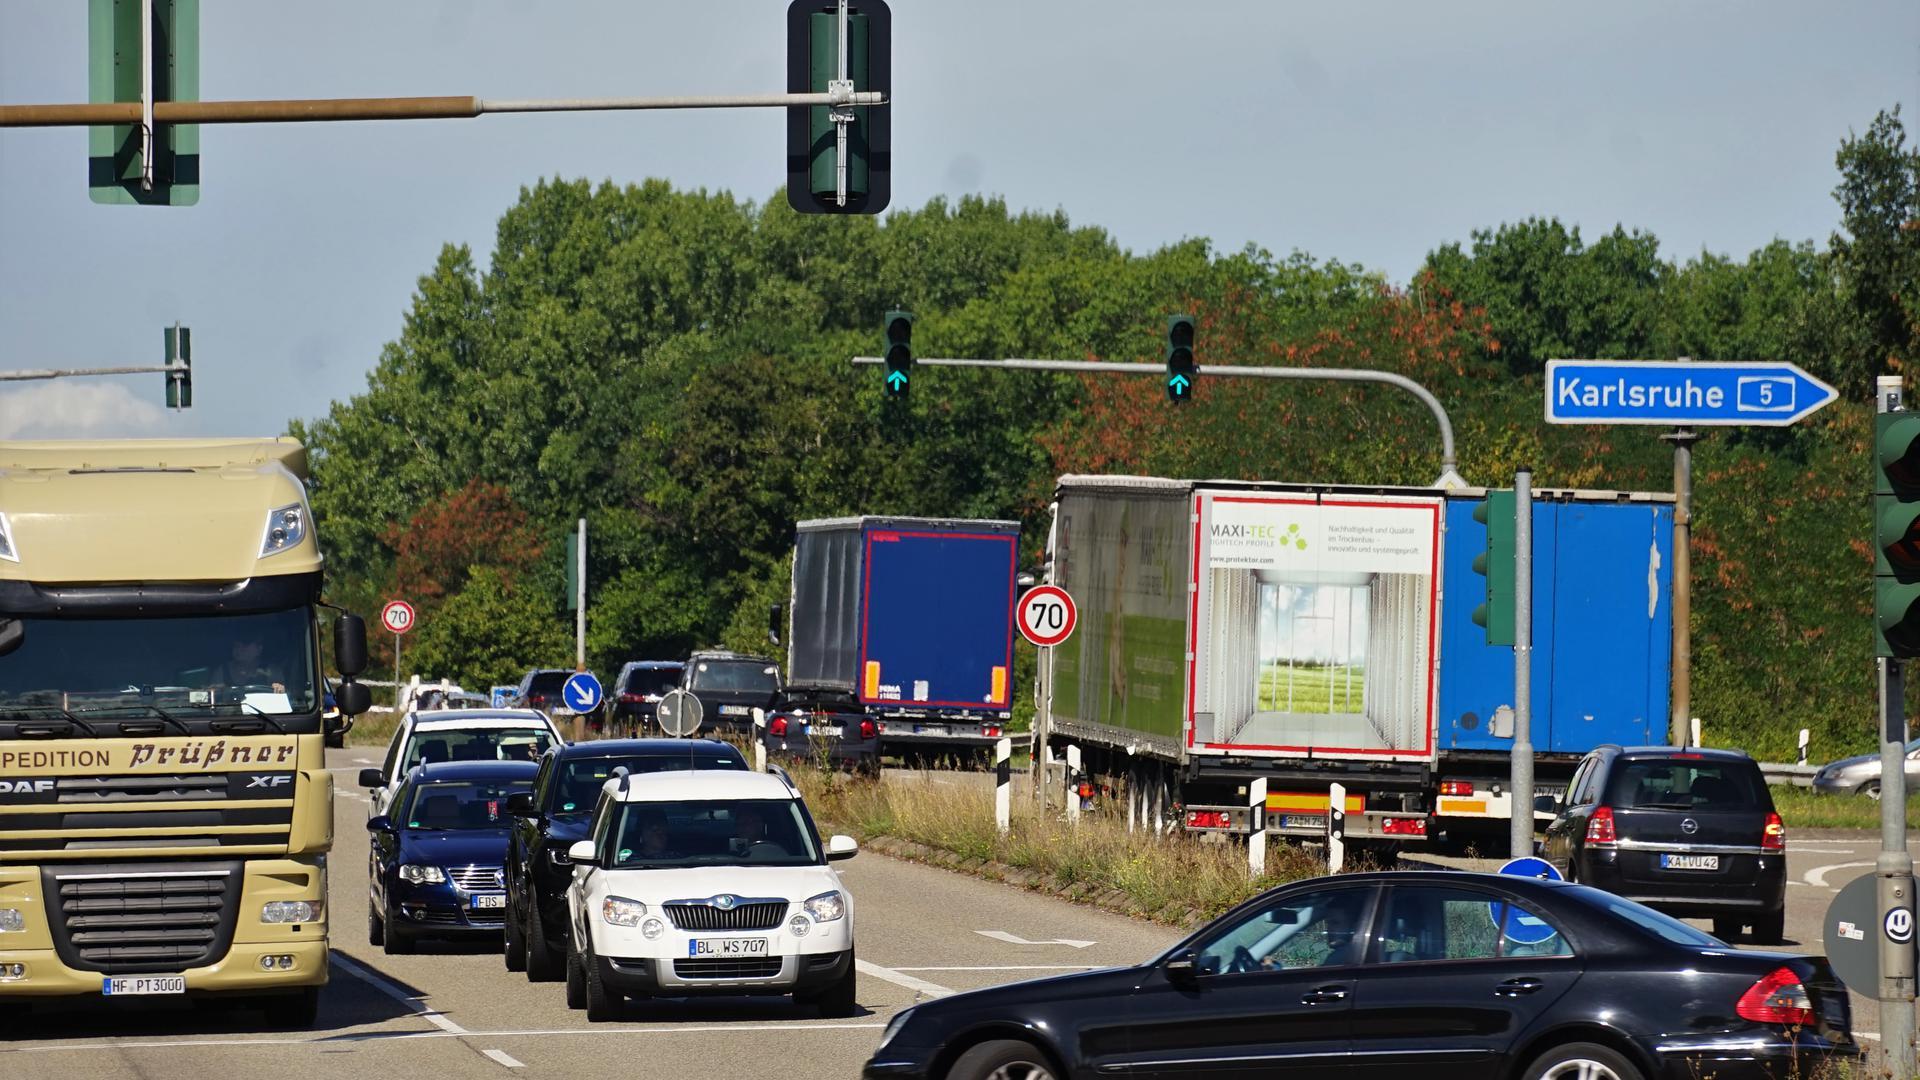 Eine große Kreuzung mit vielen Pkw und Lastwagen.